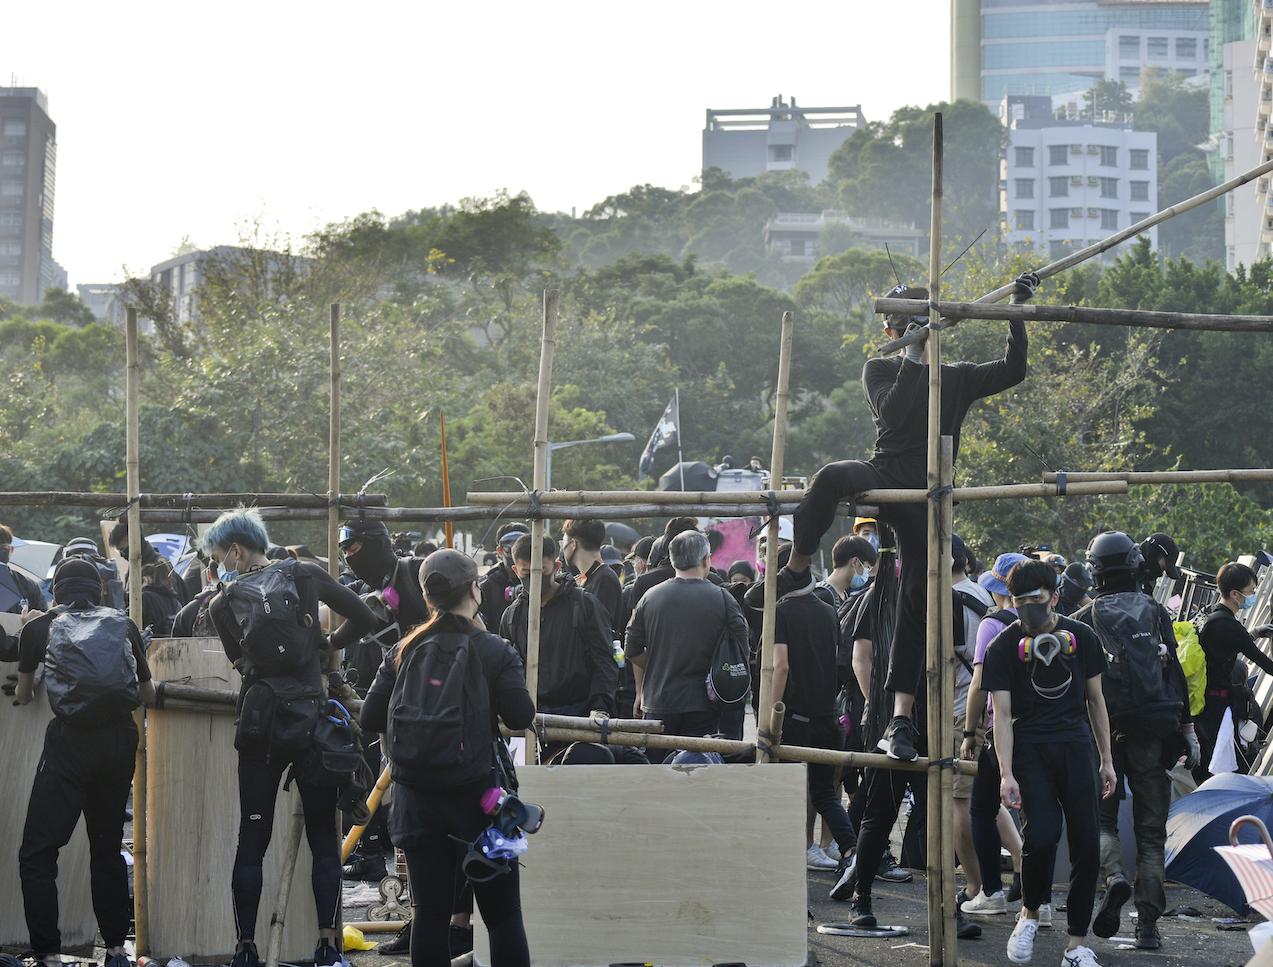 环时:大学黑衣人「武装割据」 愈来愈像「伊斯兰国」狂热战士